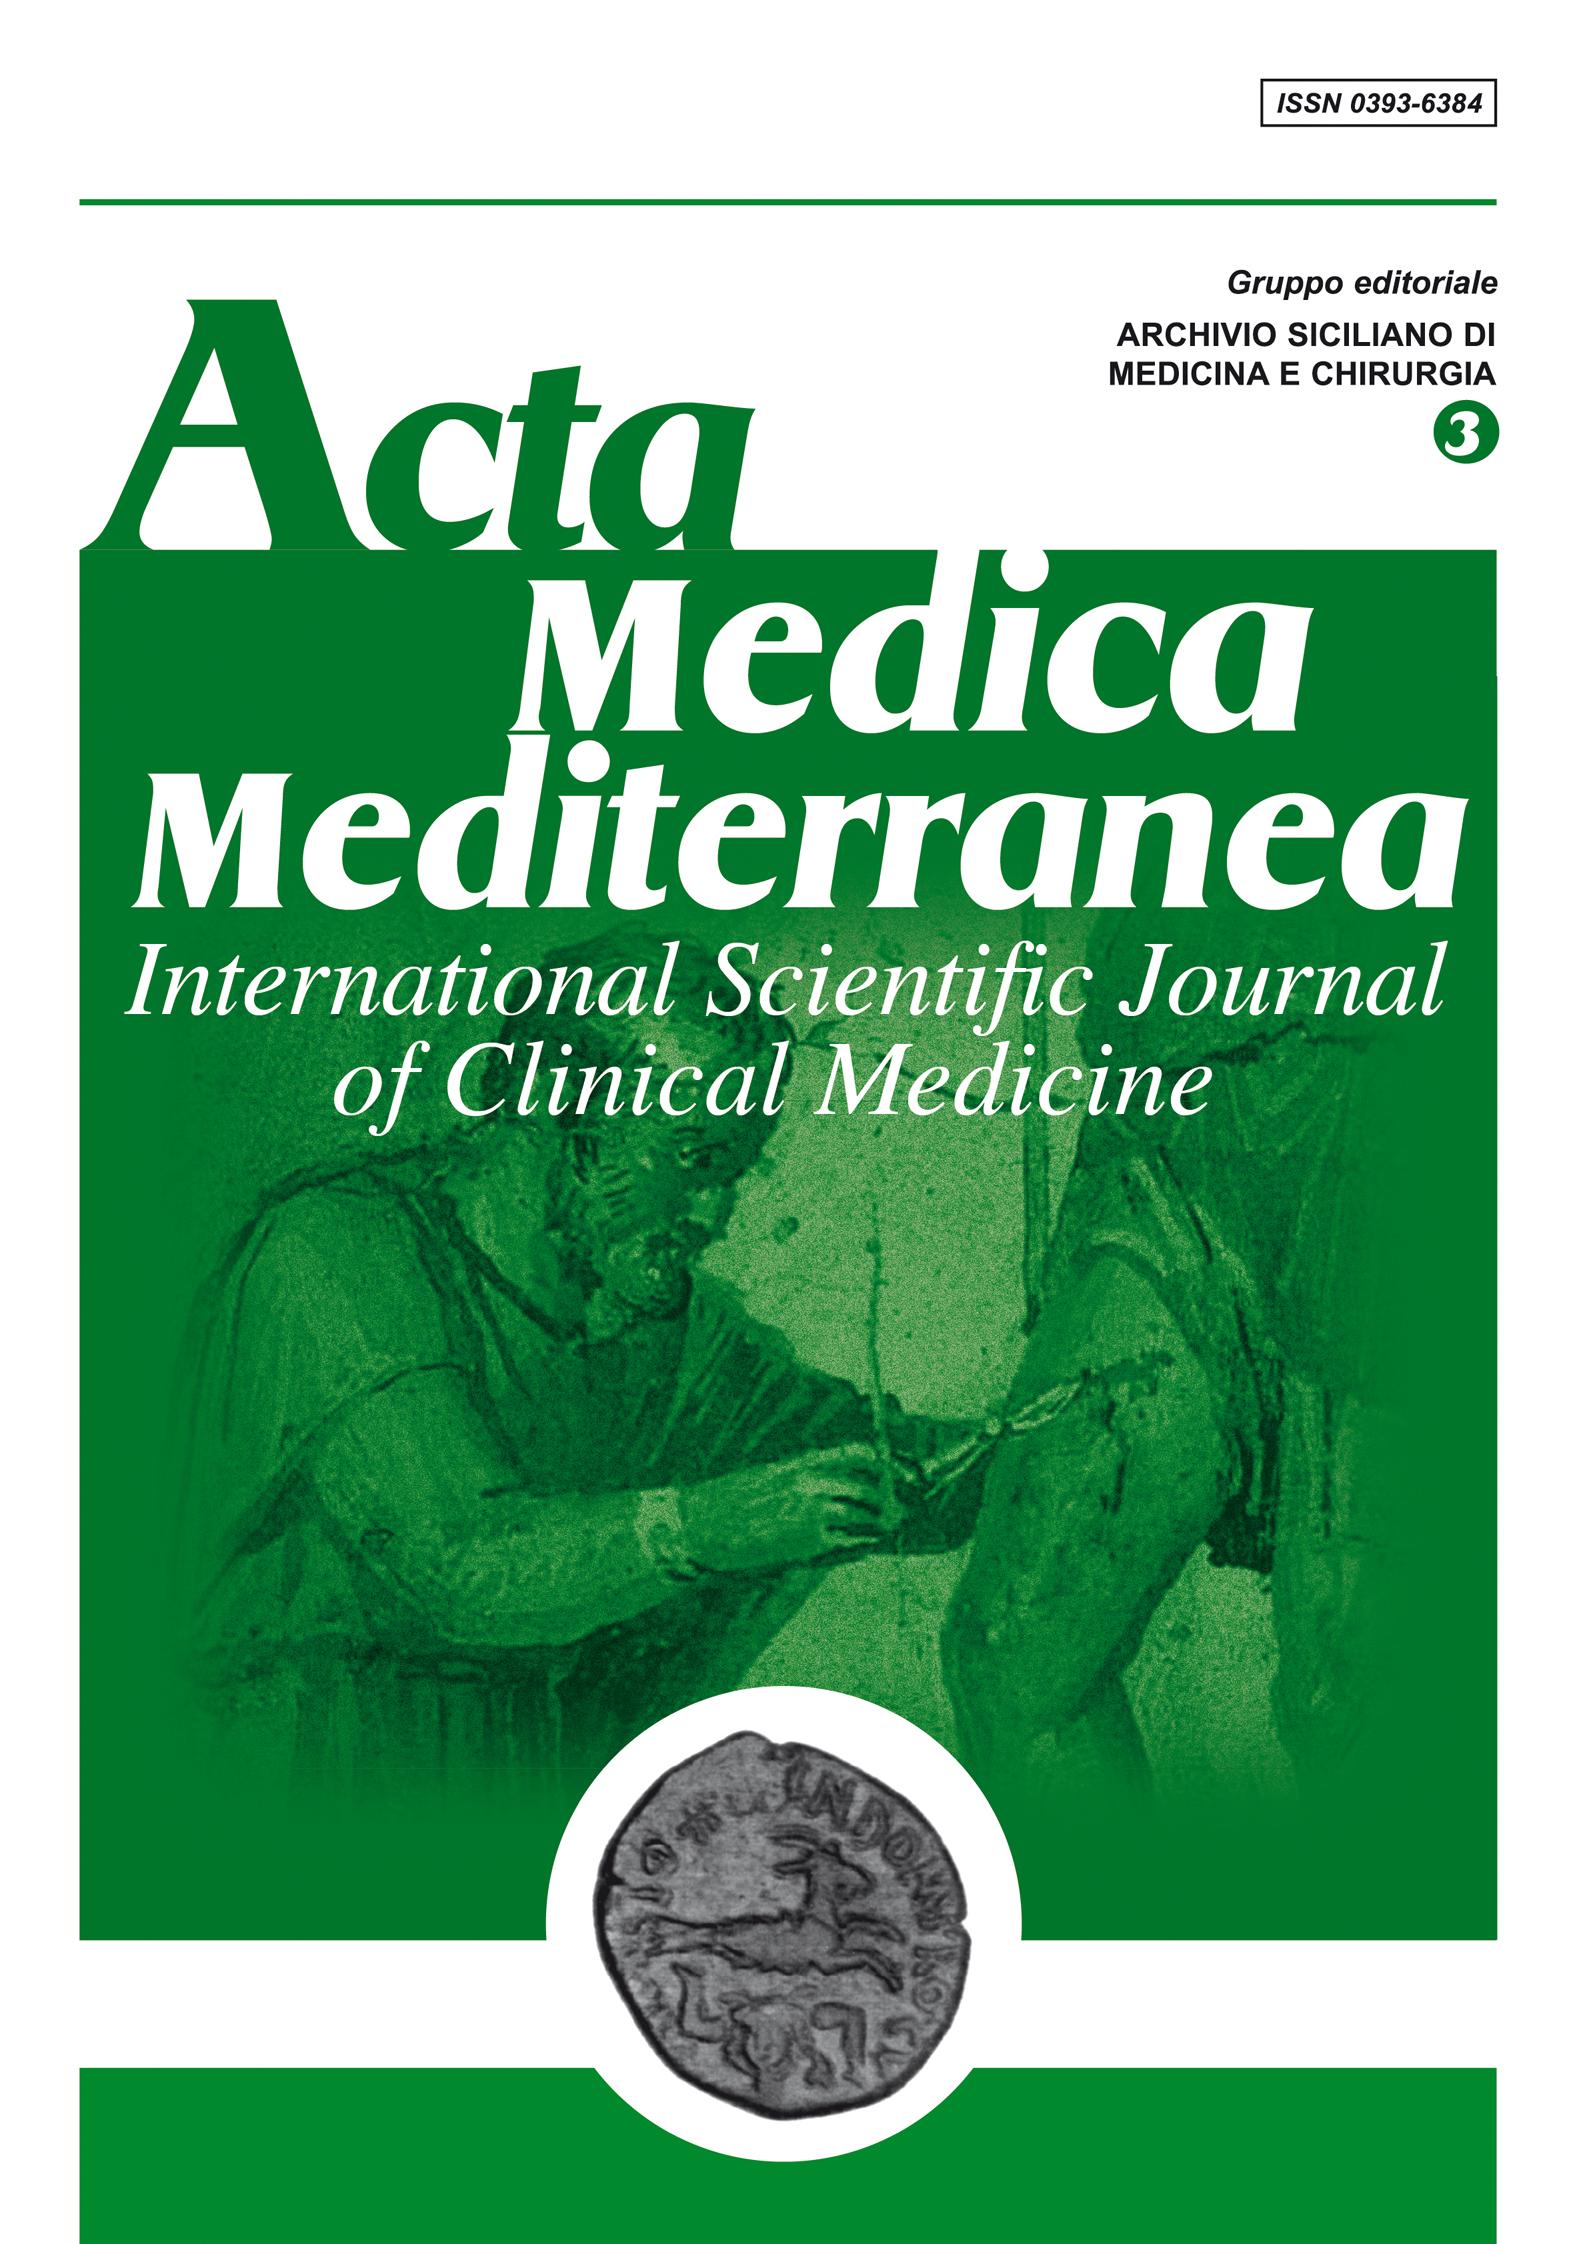 ACTA MEDICA MEDITERR